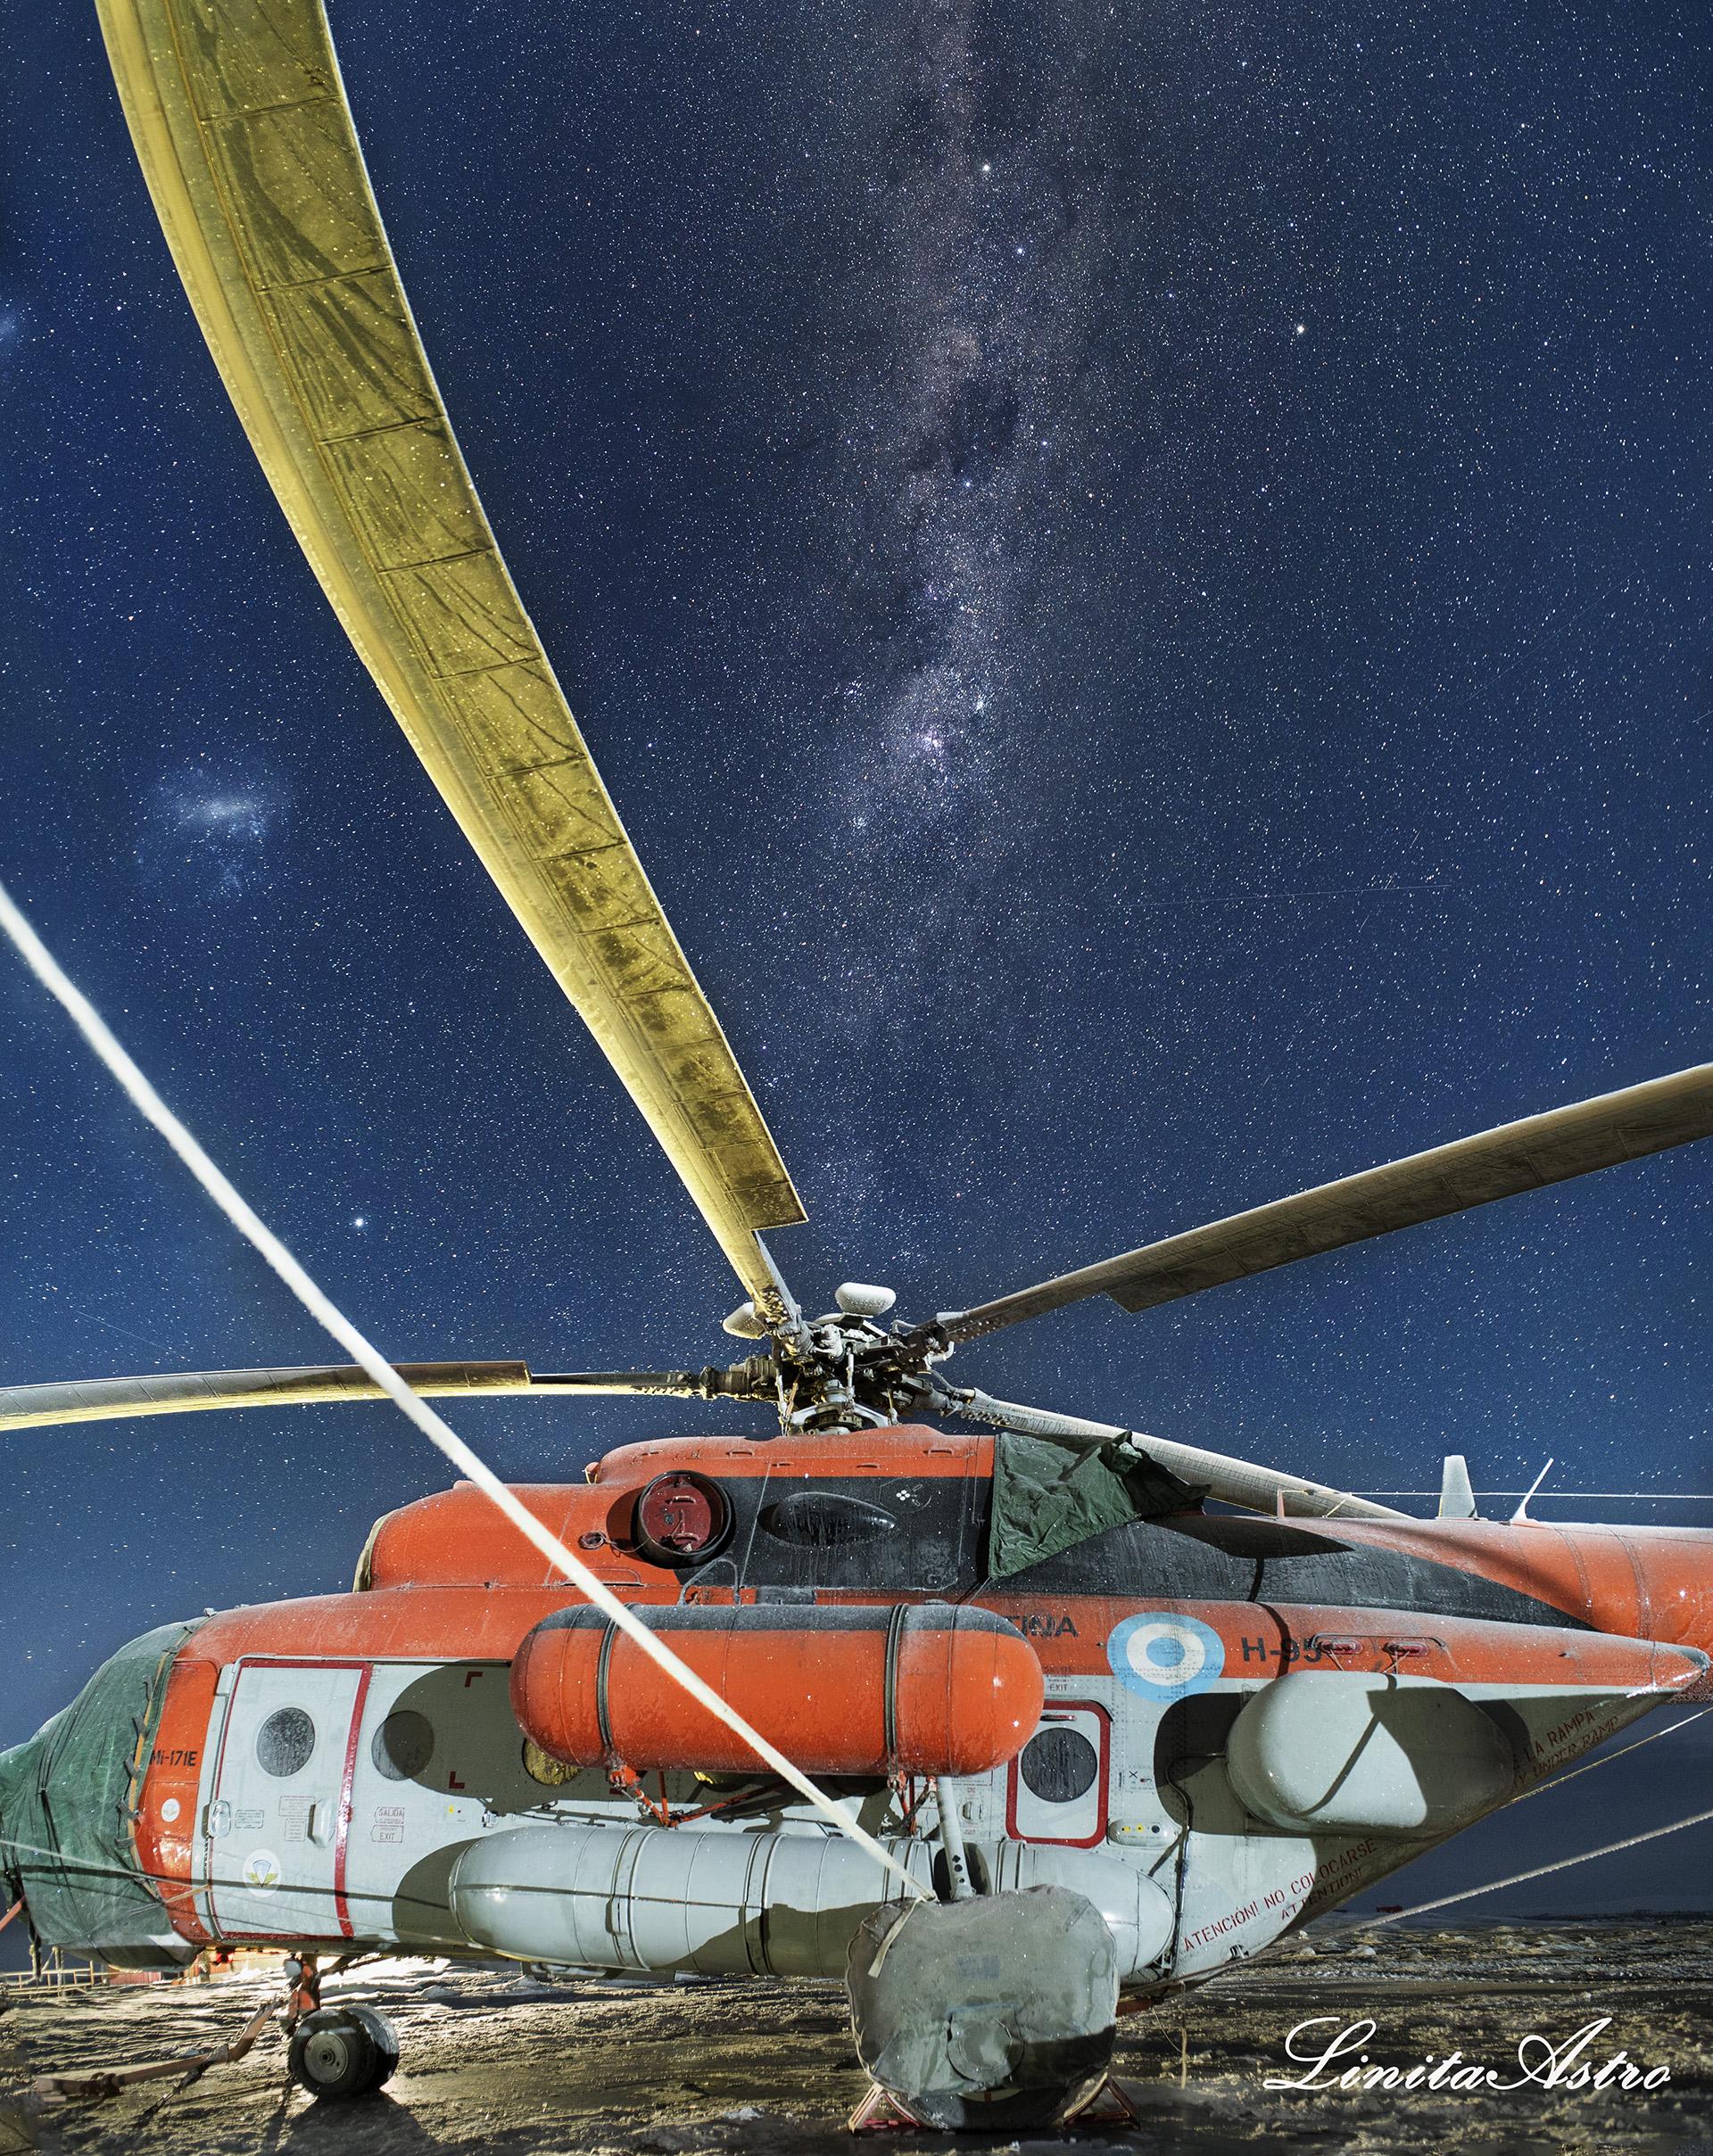 """""""MI 171 E"""": la fotolleva el nombre del helicóptero de la Fuerza Aérea que voló frente a millones de estrellas durante la campaña antártica de verano. """"Lo que vemos es nuestra propia galaxia, nuestro hogar, la vía láctea"""", explica Jorgelina. """"En la foto se descubre un universo mágico con una puesta en escena universal que maravilla y nos conecta en la noche con nosotros mismos y con la inmensidad del infinito""""."""